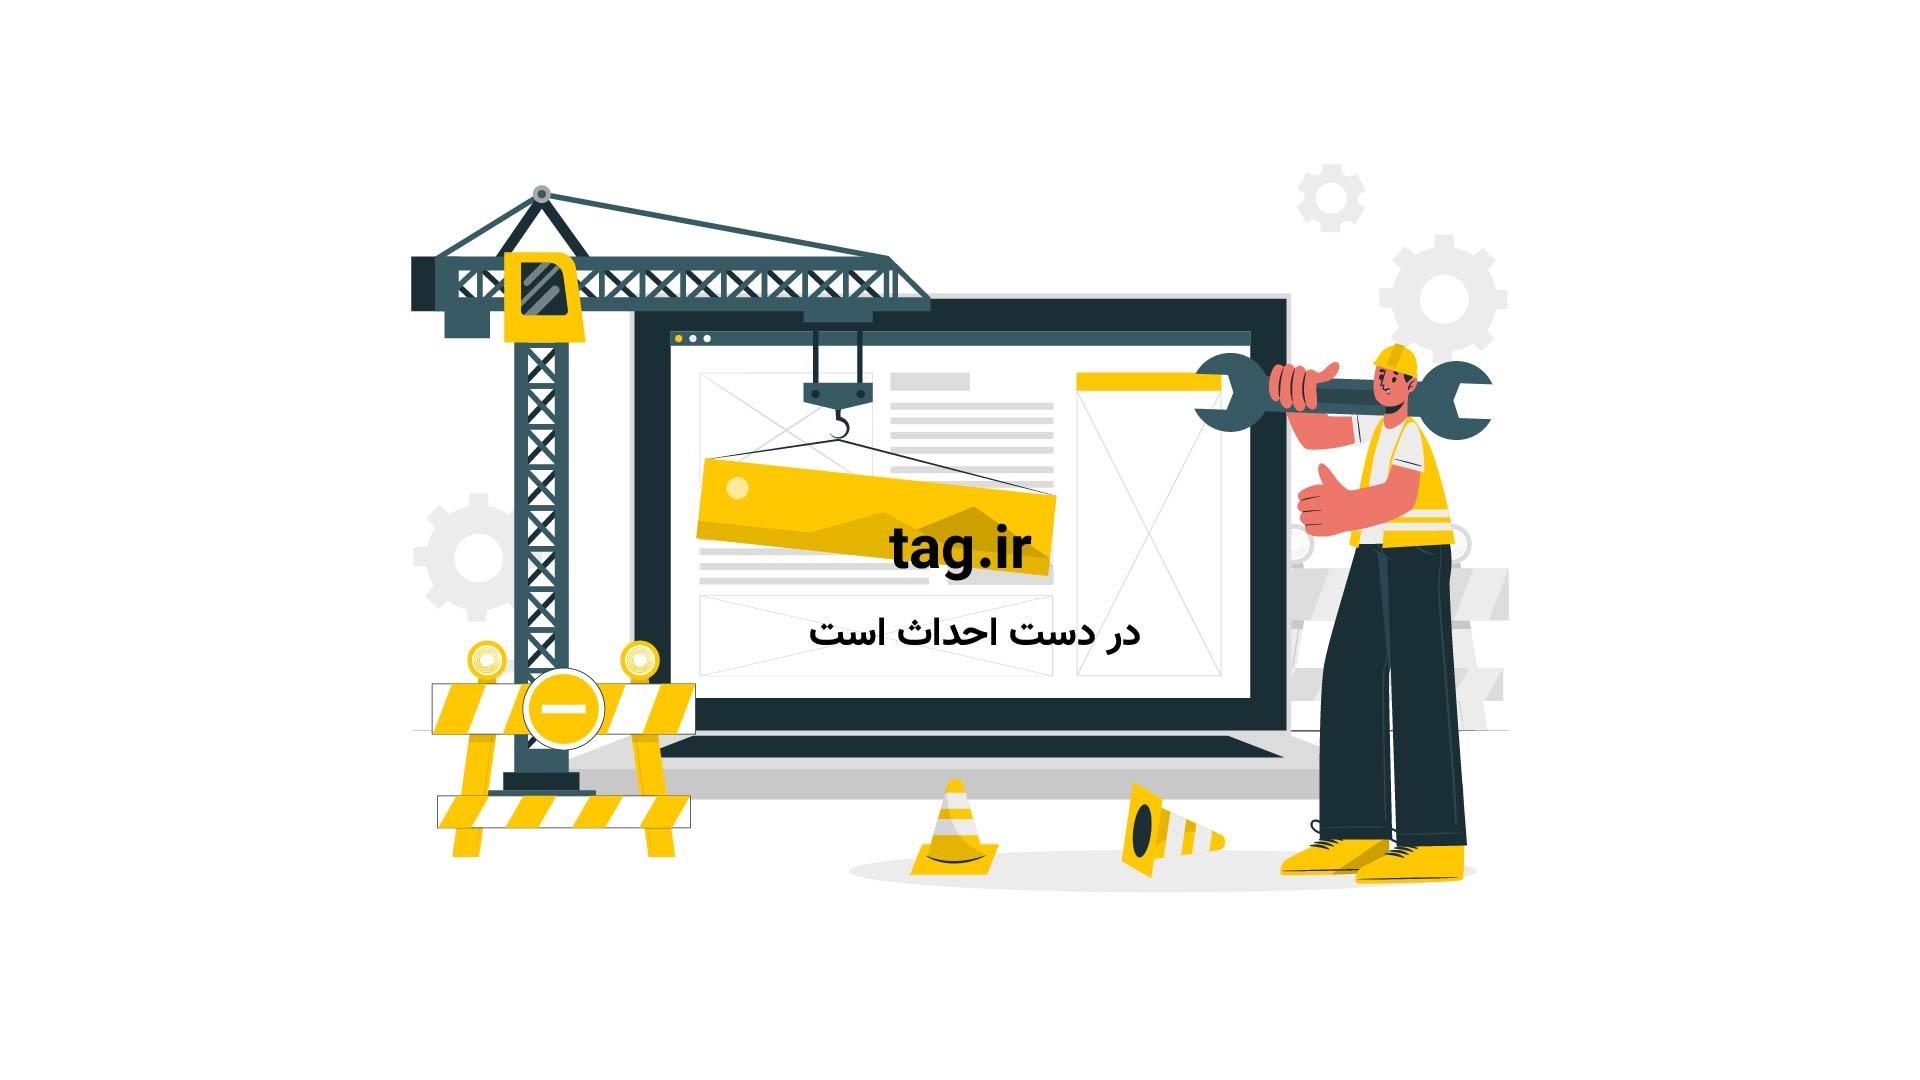 فیل ماده | تگ